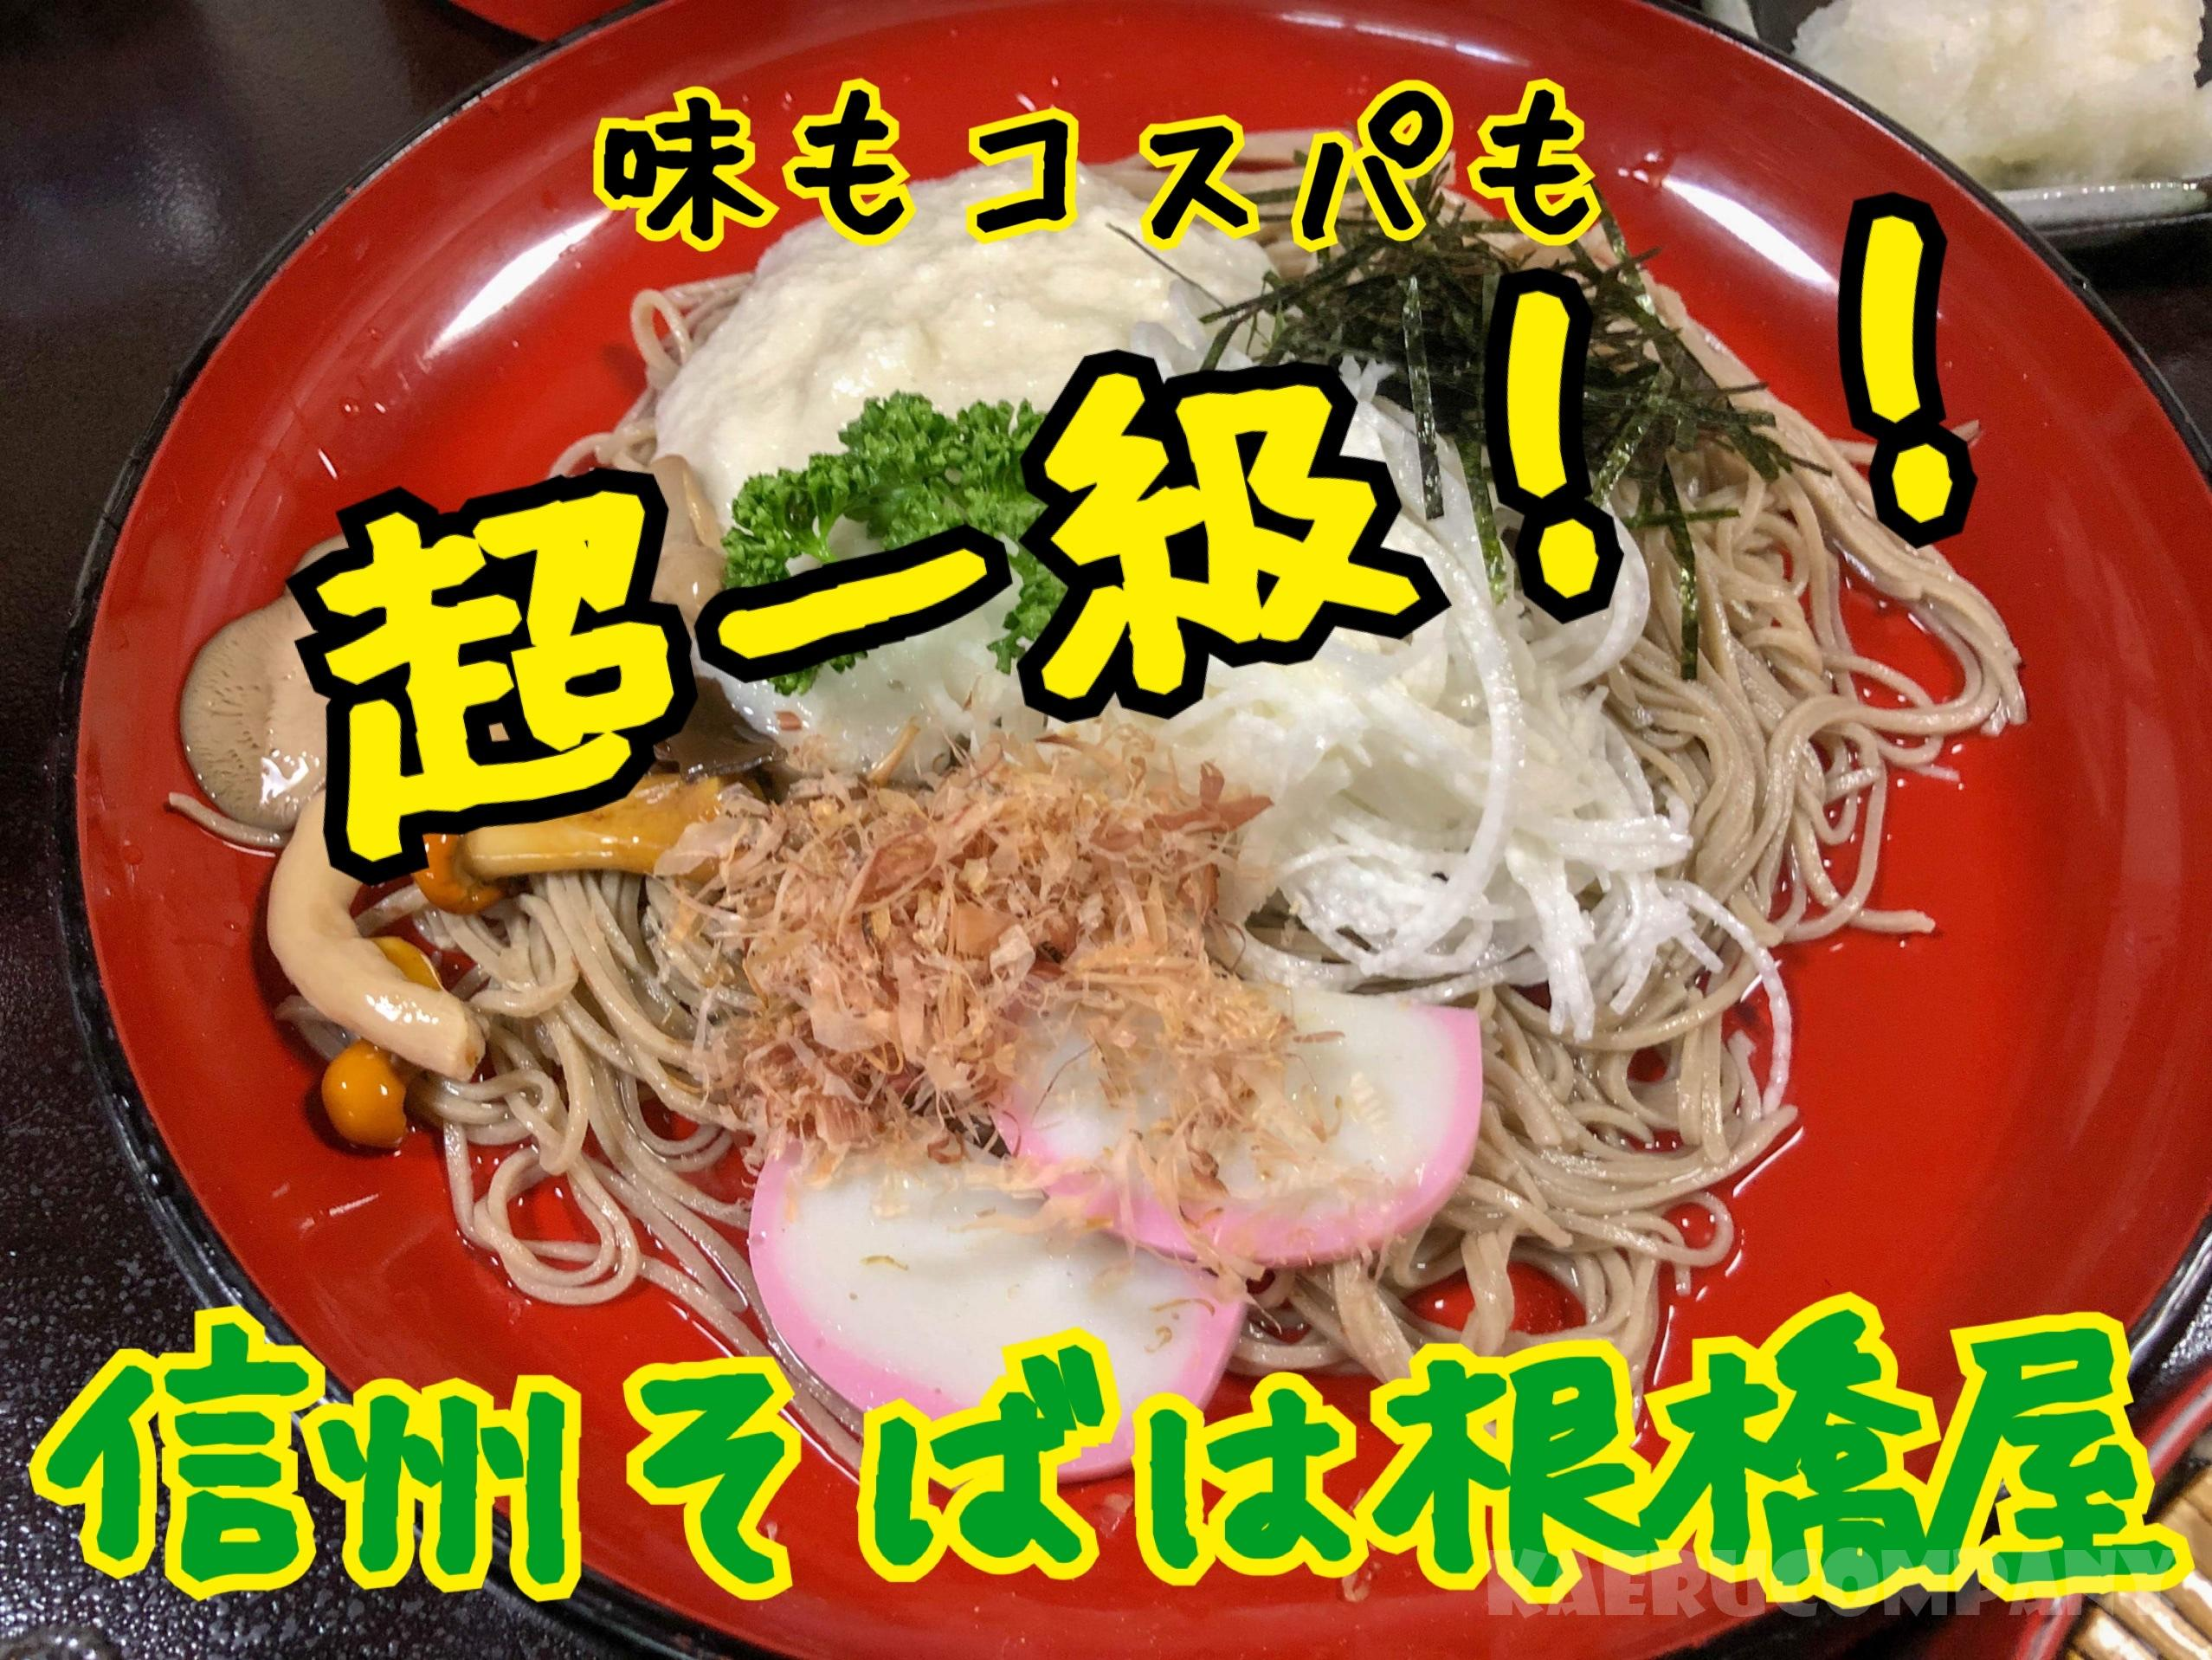 コスパも味も超一級!松本で信州そばなら絶対ここ!@根橋屋